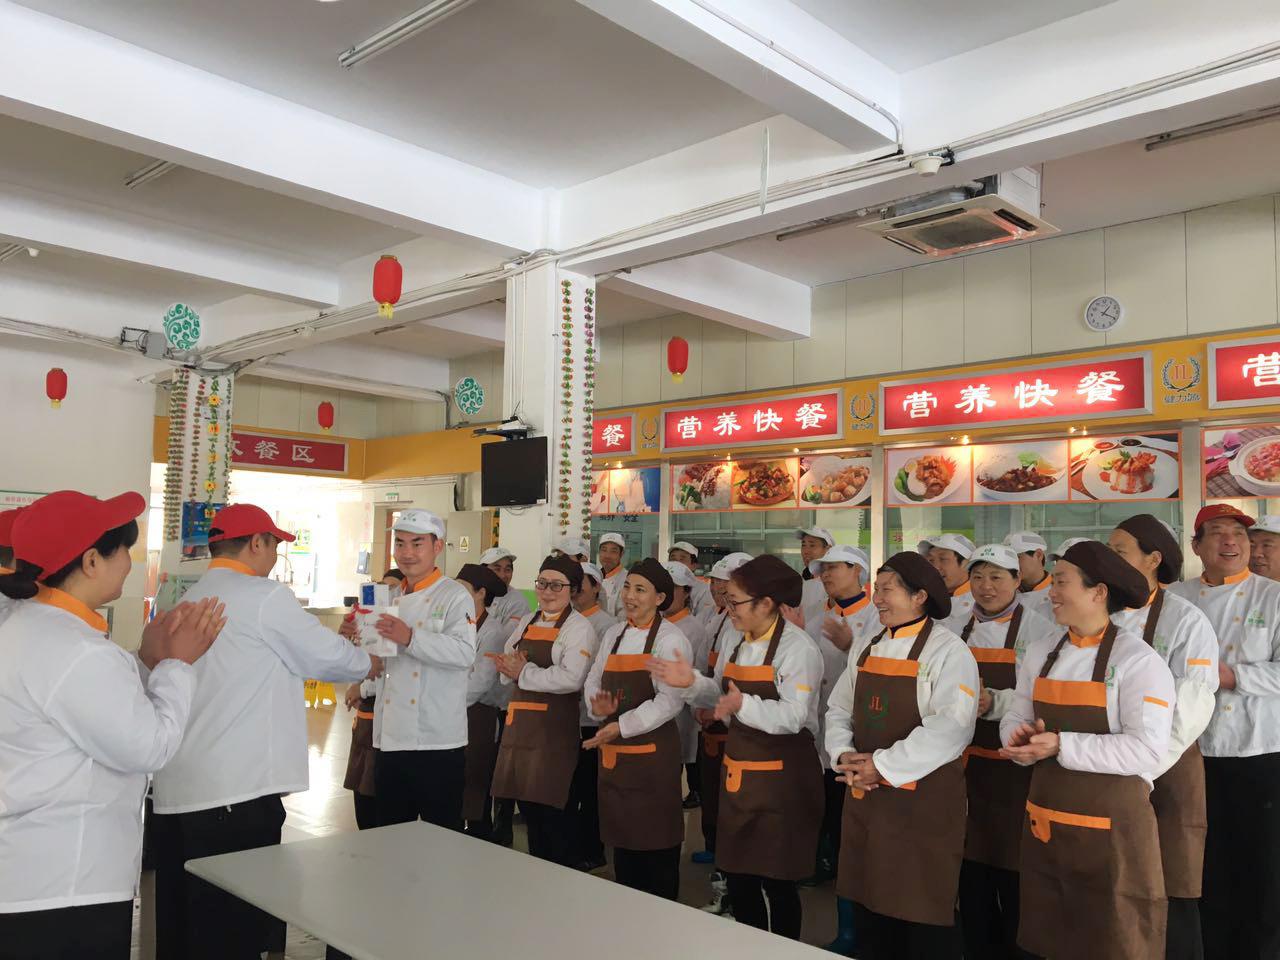 扬州某餐厅向当月过生日的员工发放生日礼物